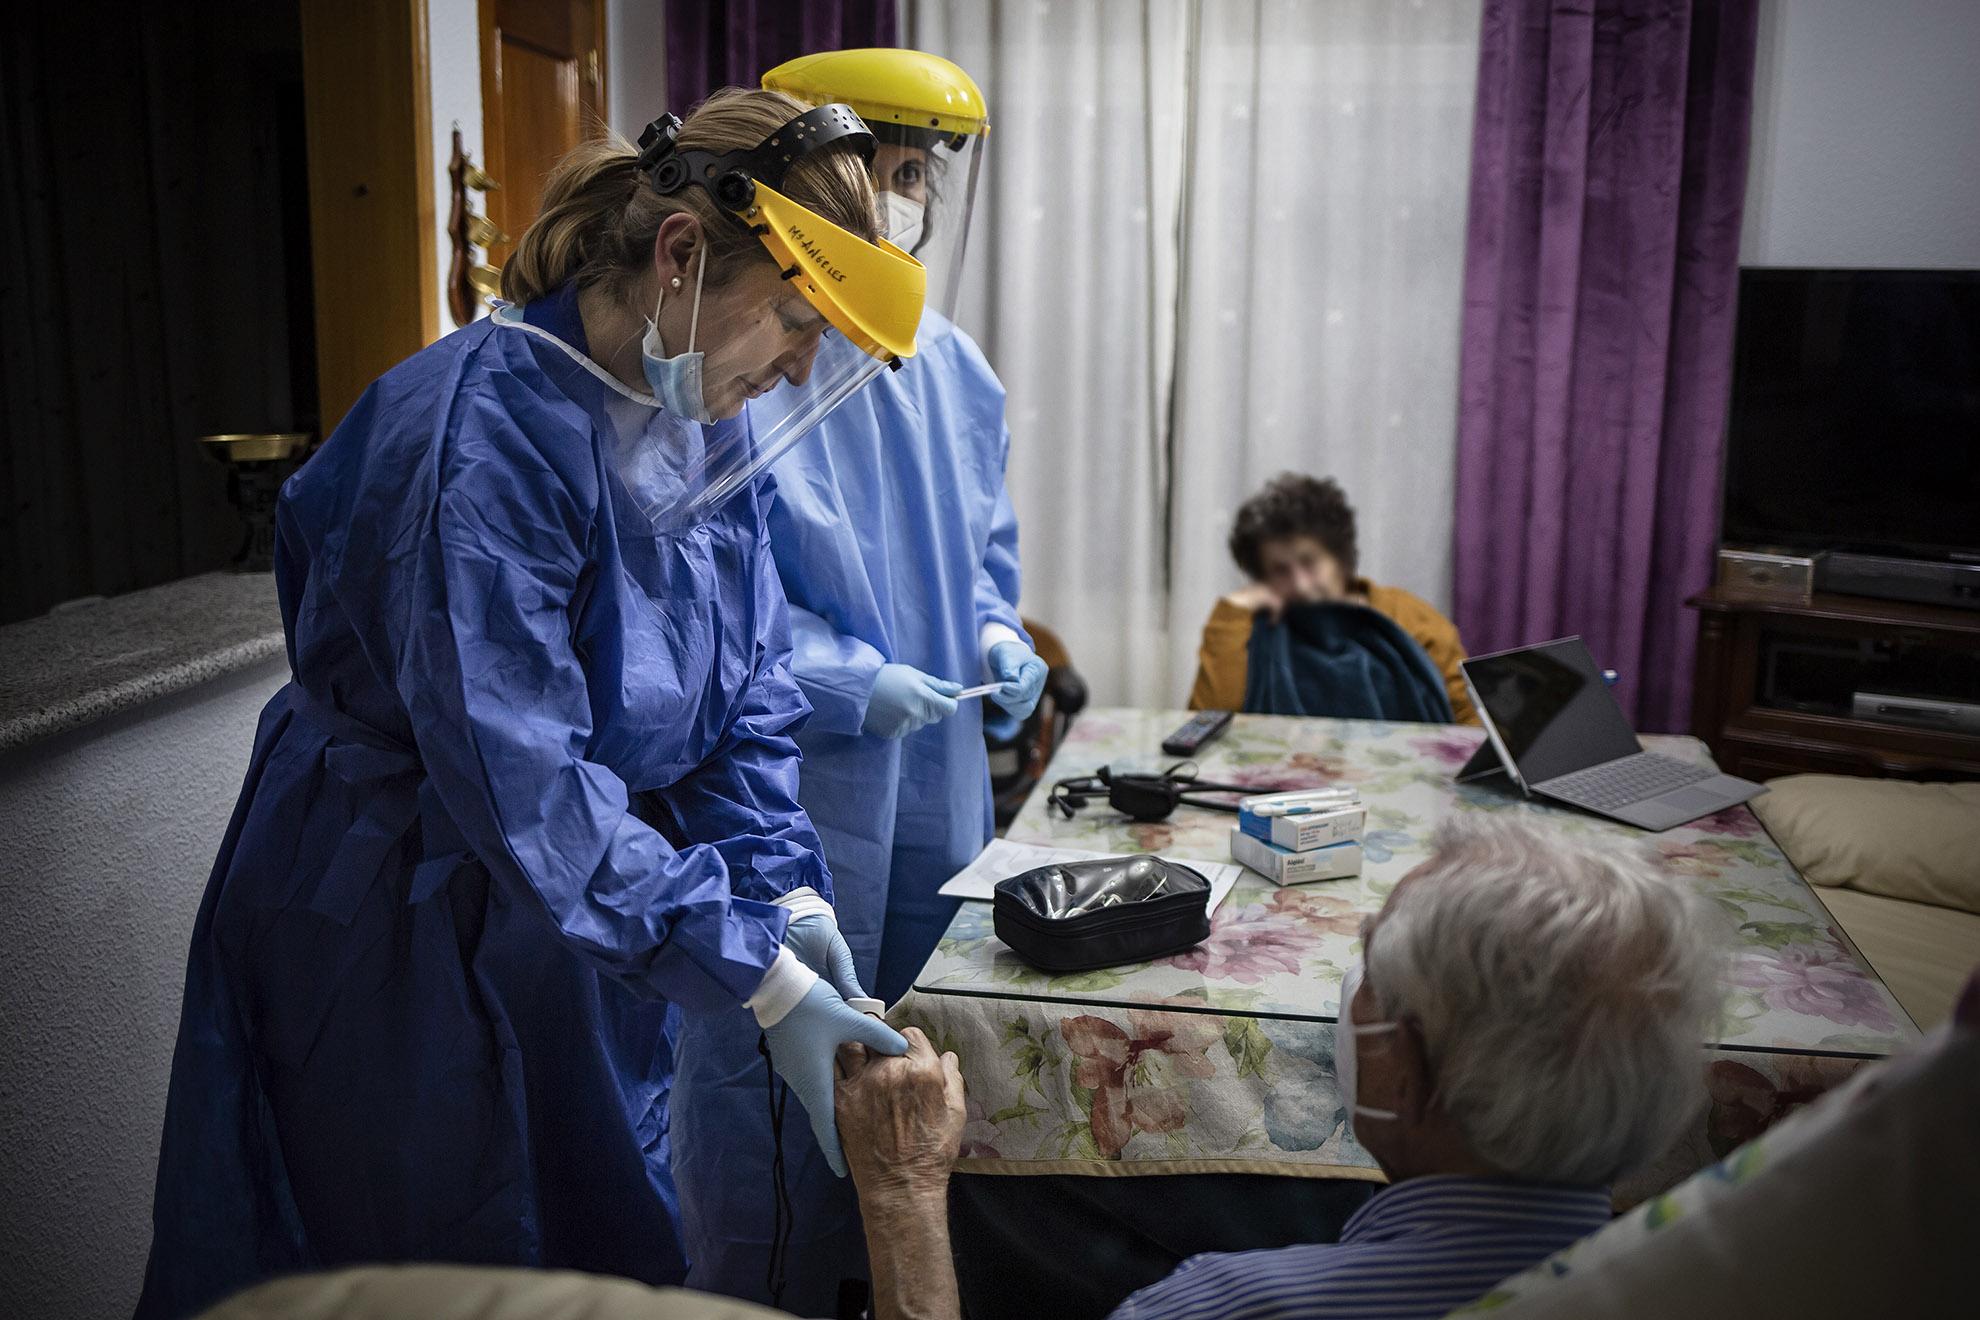 Cuando Julia y Belén, médico y enfermera del Centro de Salud de Atención Primaria de Huéscar (Granada), llegan al domicilio desde el que han recibido el aviso de urgencias, ya saben casi al 100% que no se trata de un caso de COVID-19. Pero los protocolos son estrictos, y si existe un sólo síntoma compatible con el coronavirus se activa el protocolo sanitario correspondiente. Se equipan con los EPIS, las pantallas y el doble guante. Como había fiebre, Belén comprueba la saturación de Oxígeno para descartar cualquier relación con el COVID-19. Conocen al paciente del pueblo de toda la vida y no necesitan mirar en su historial clínico porque ya intuyen que la fiebre obedece a una infección de orina. Los sanitarios de Atención primaria se desplazan a los domicilios para evitar en lo posible la asistencia al Centro de Salud. Ellos son nuevamente la primera barrera de contención contra la pandemia.